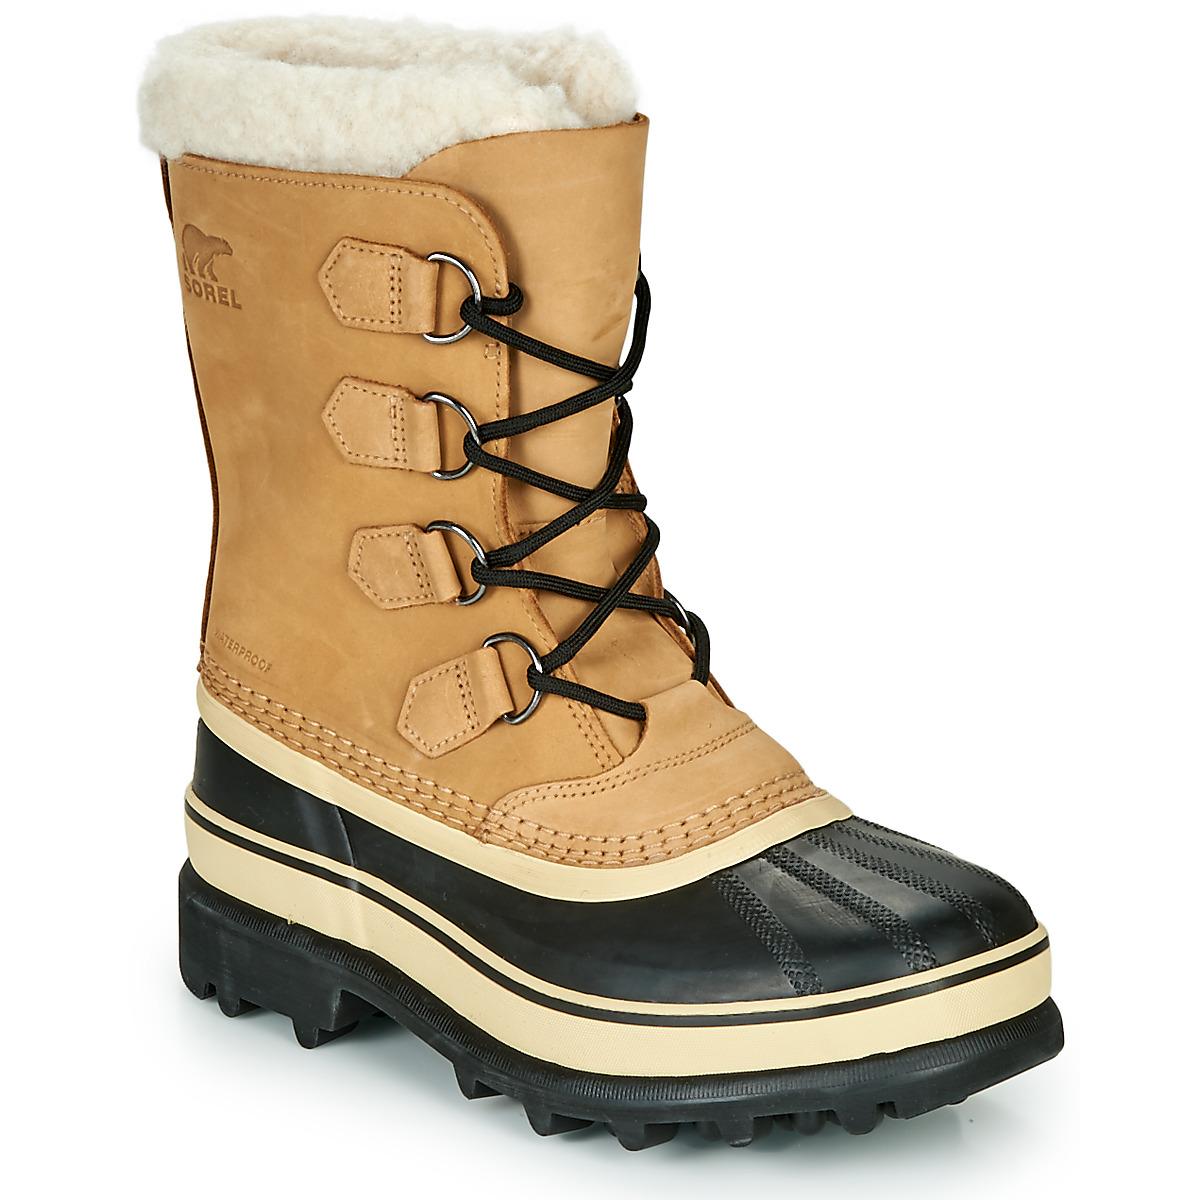 42fa650290 Μπότες για σκι Sorel CARIBOU